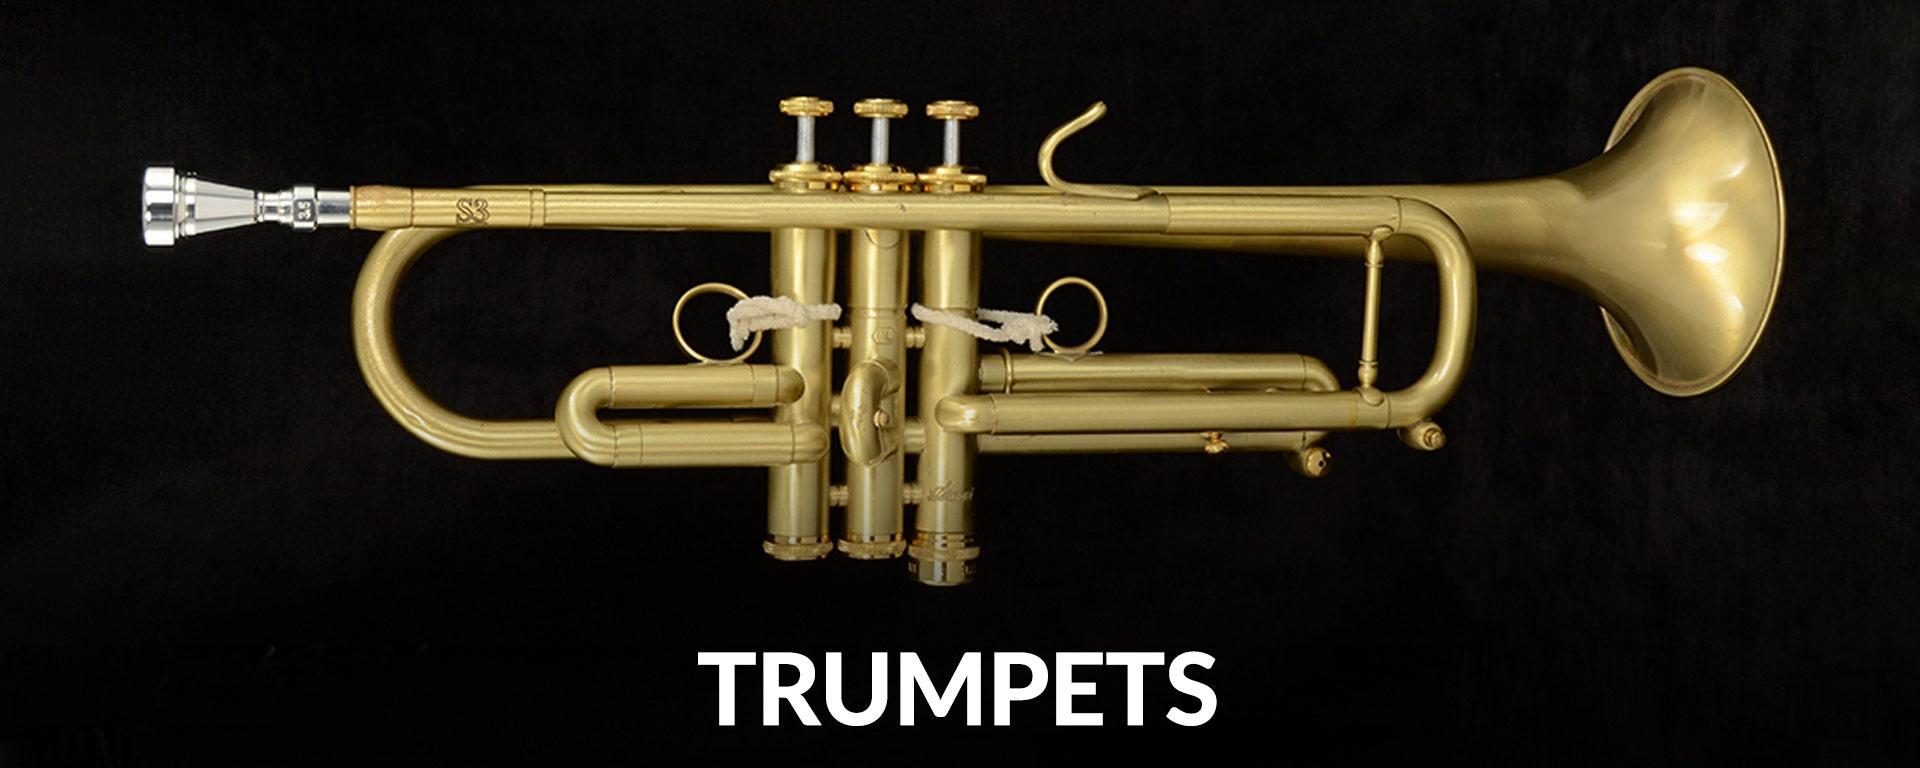 Shop Trumpets at SamAsh.com